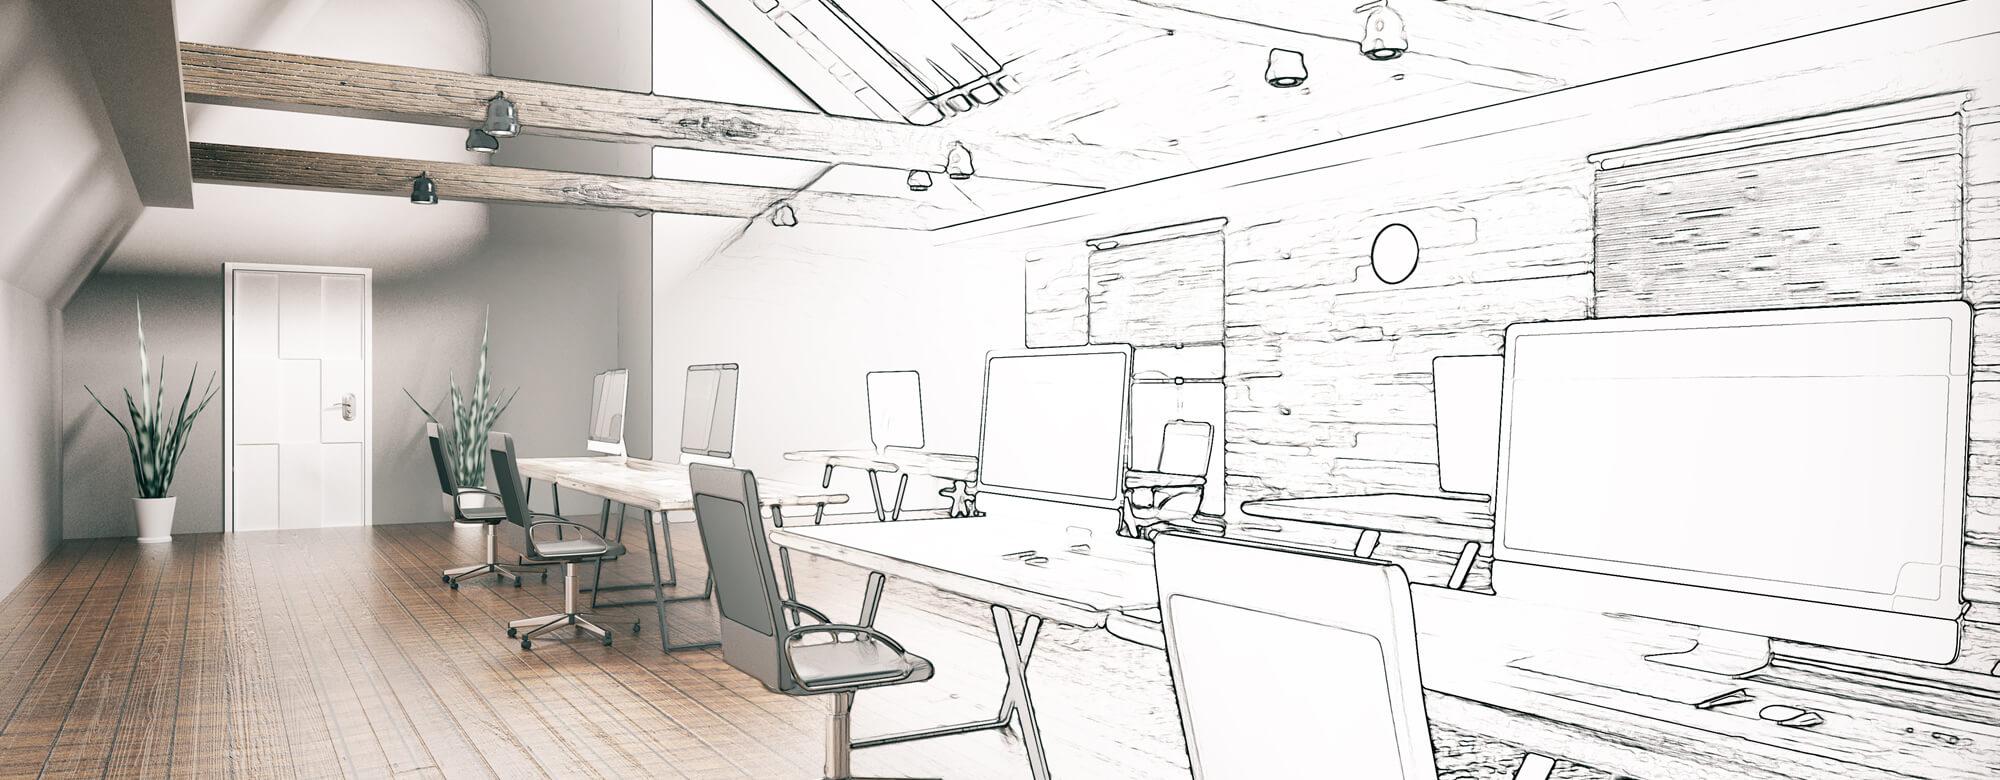 Muebles de oficina eqin estudio mobiliario de oficina madrid for Mobiliario de oficina madrid